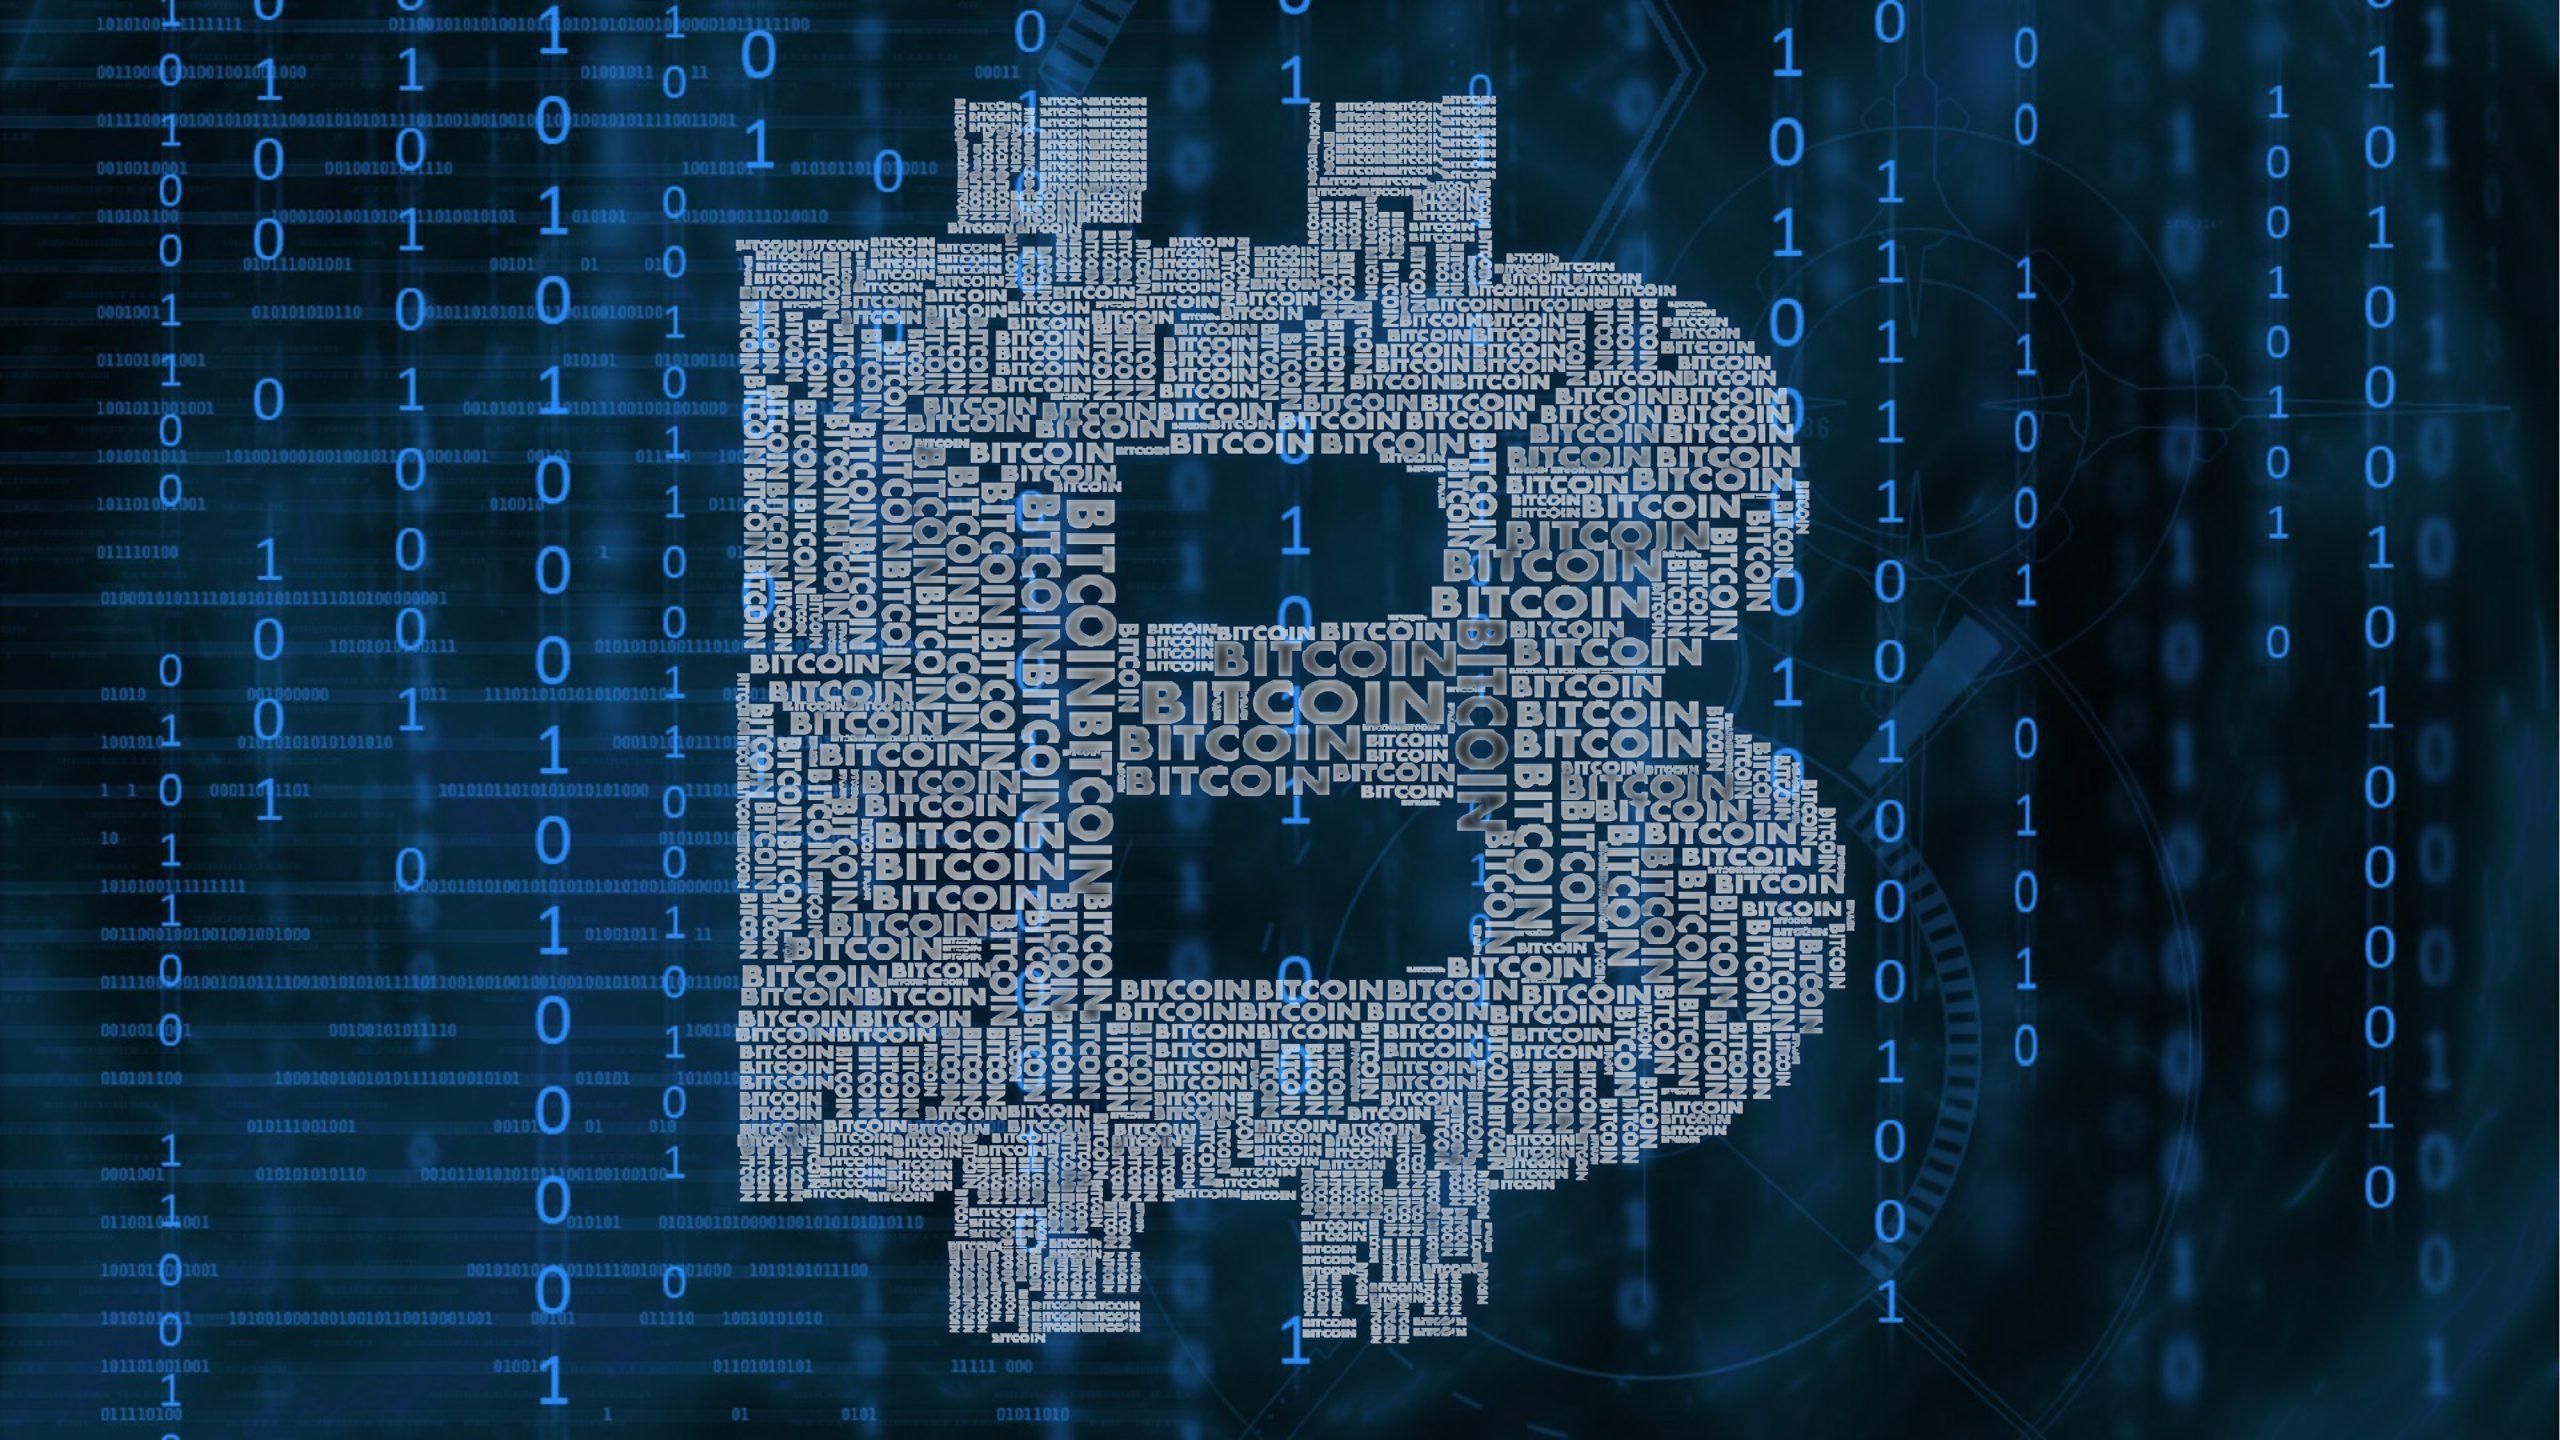 Bitcoin digital asset